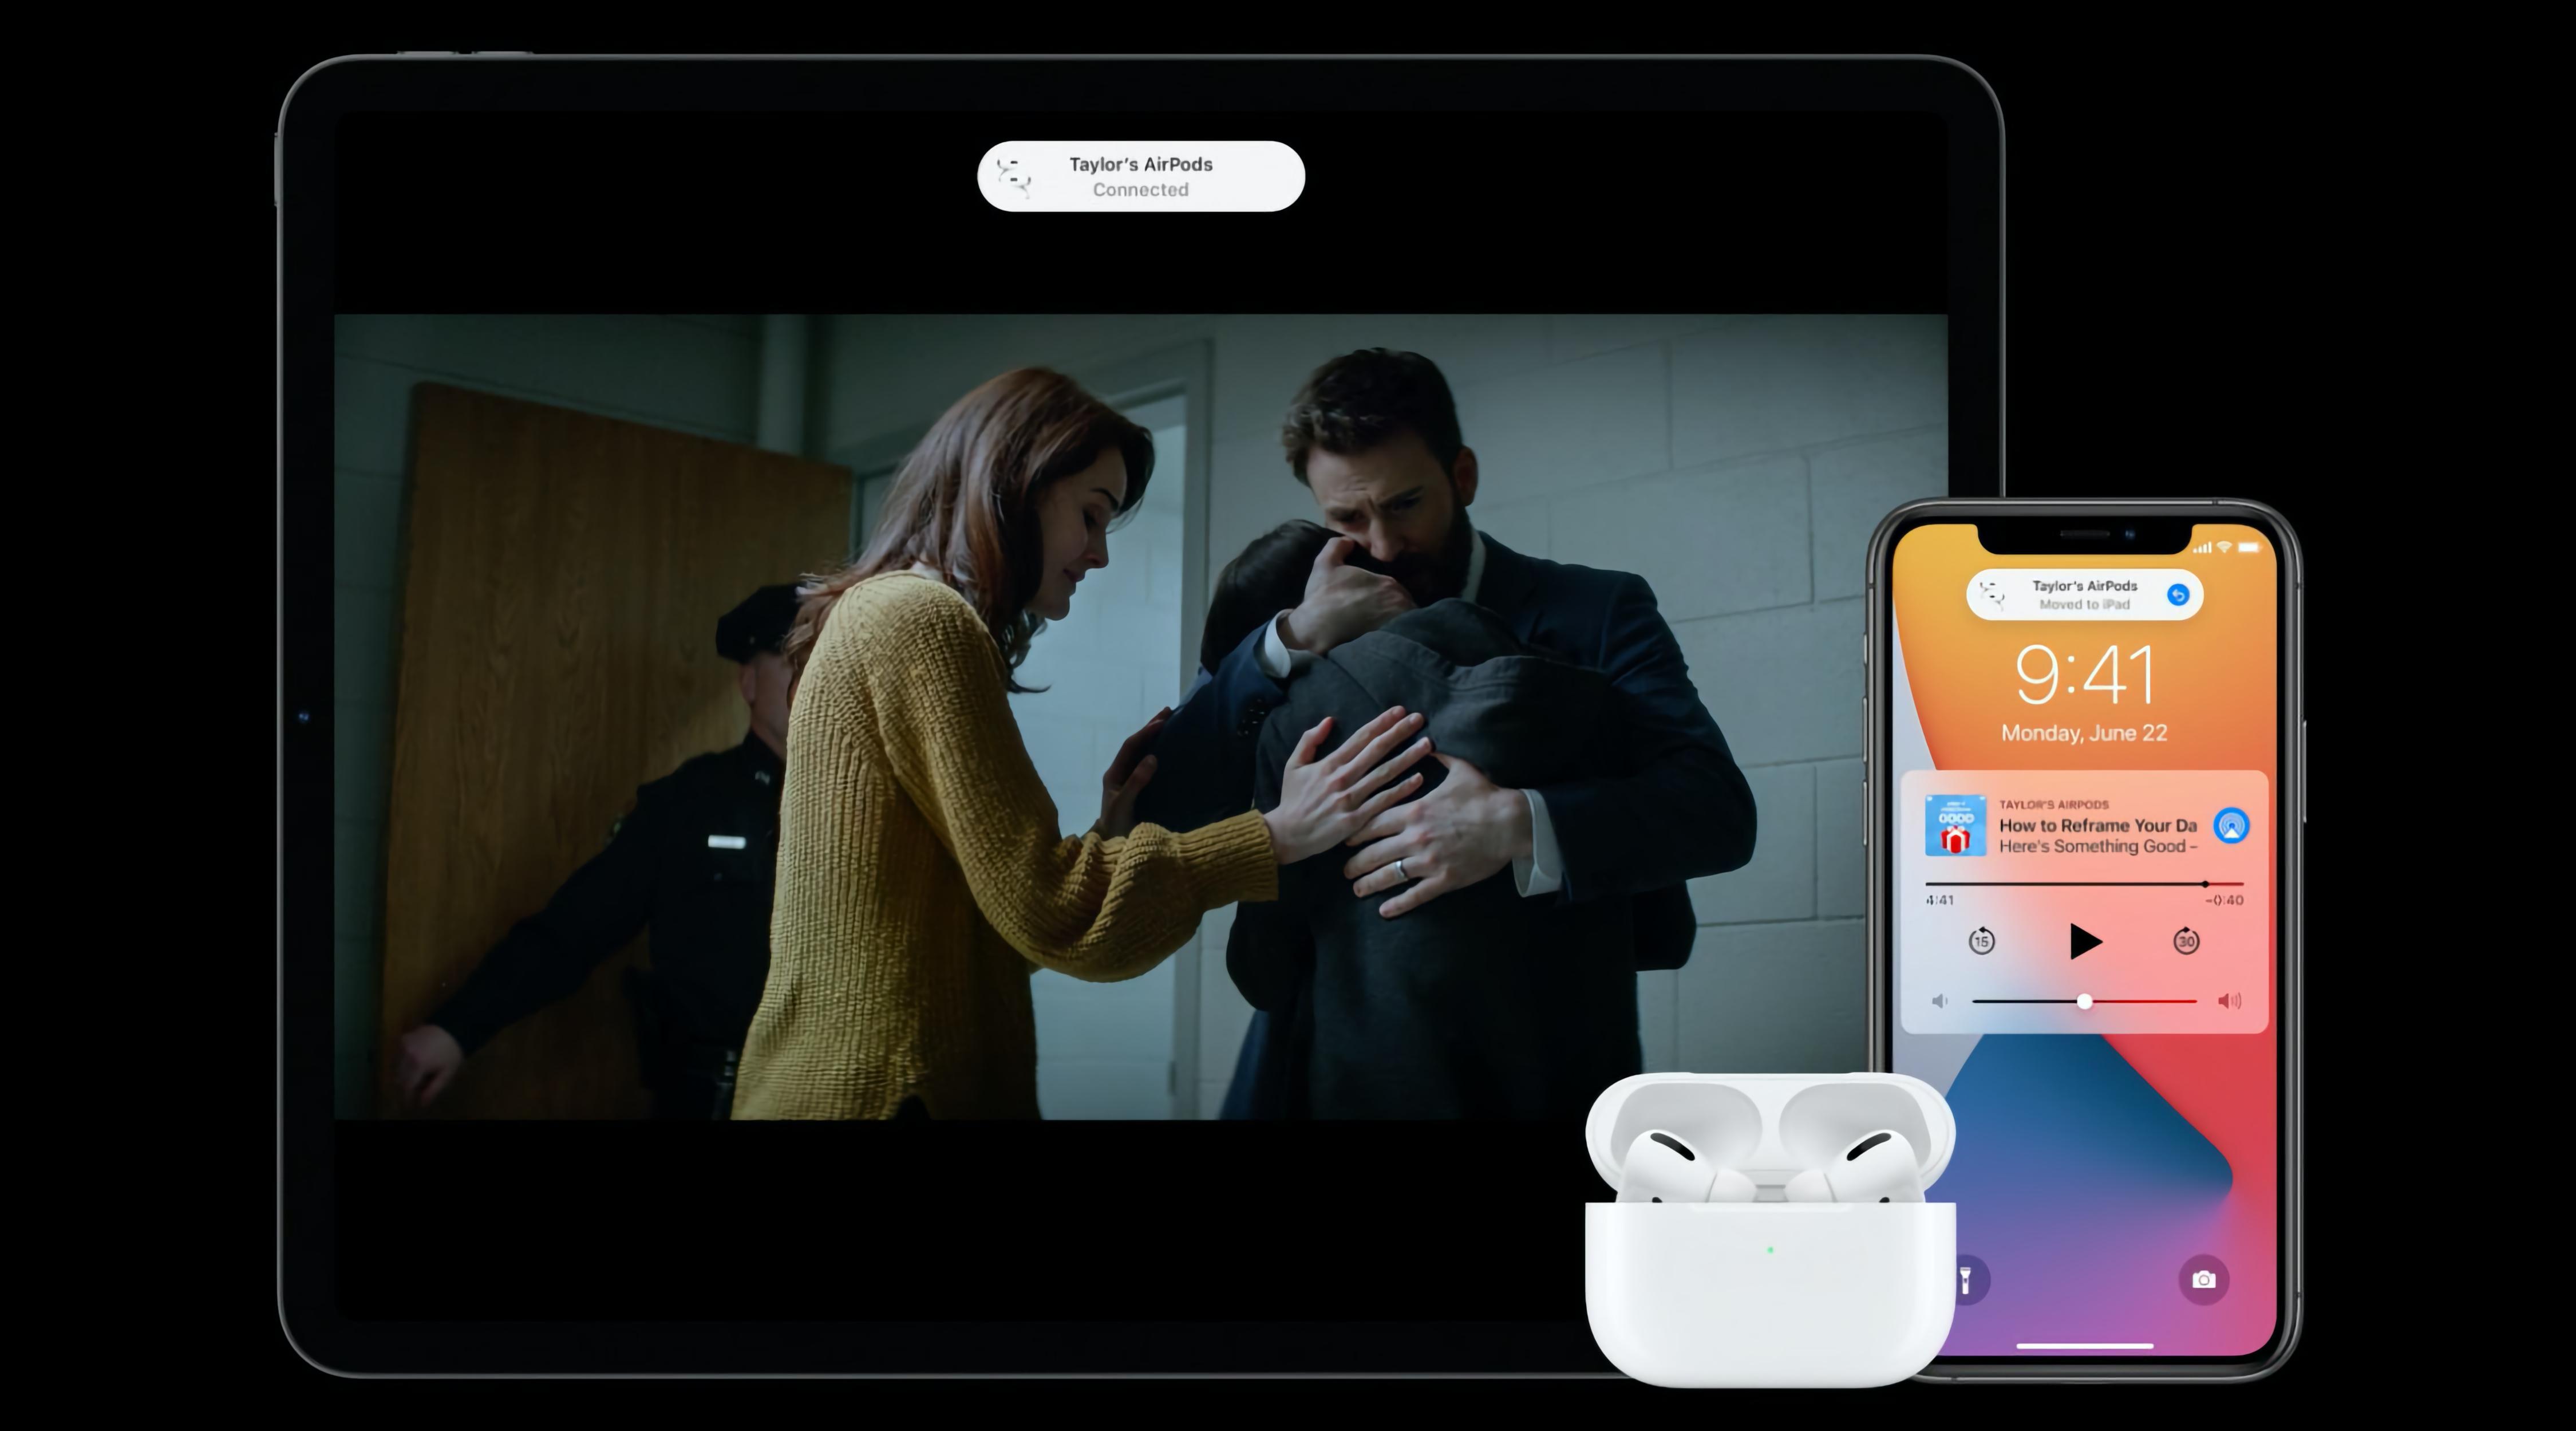 Apple выпустила новое ПО для AirPods и AirPods Pro: быстрое переключение между устройствами и функция Spatial Audio